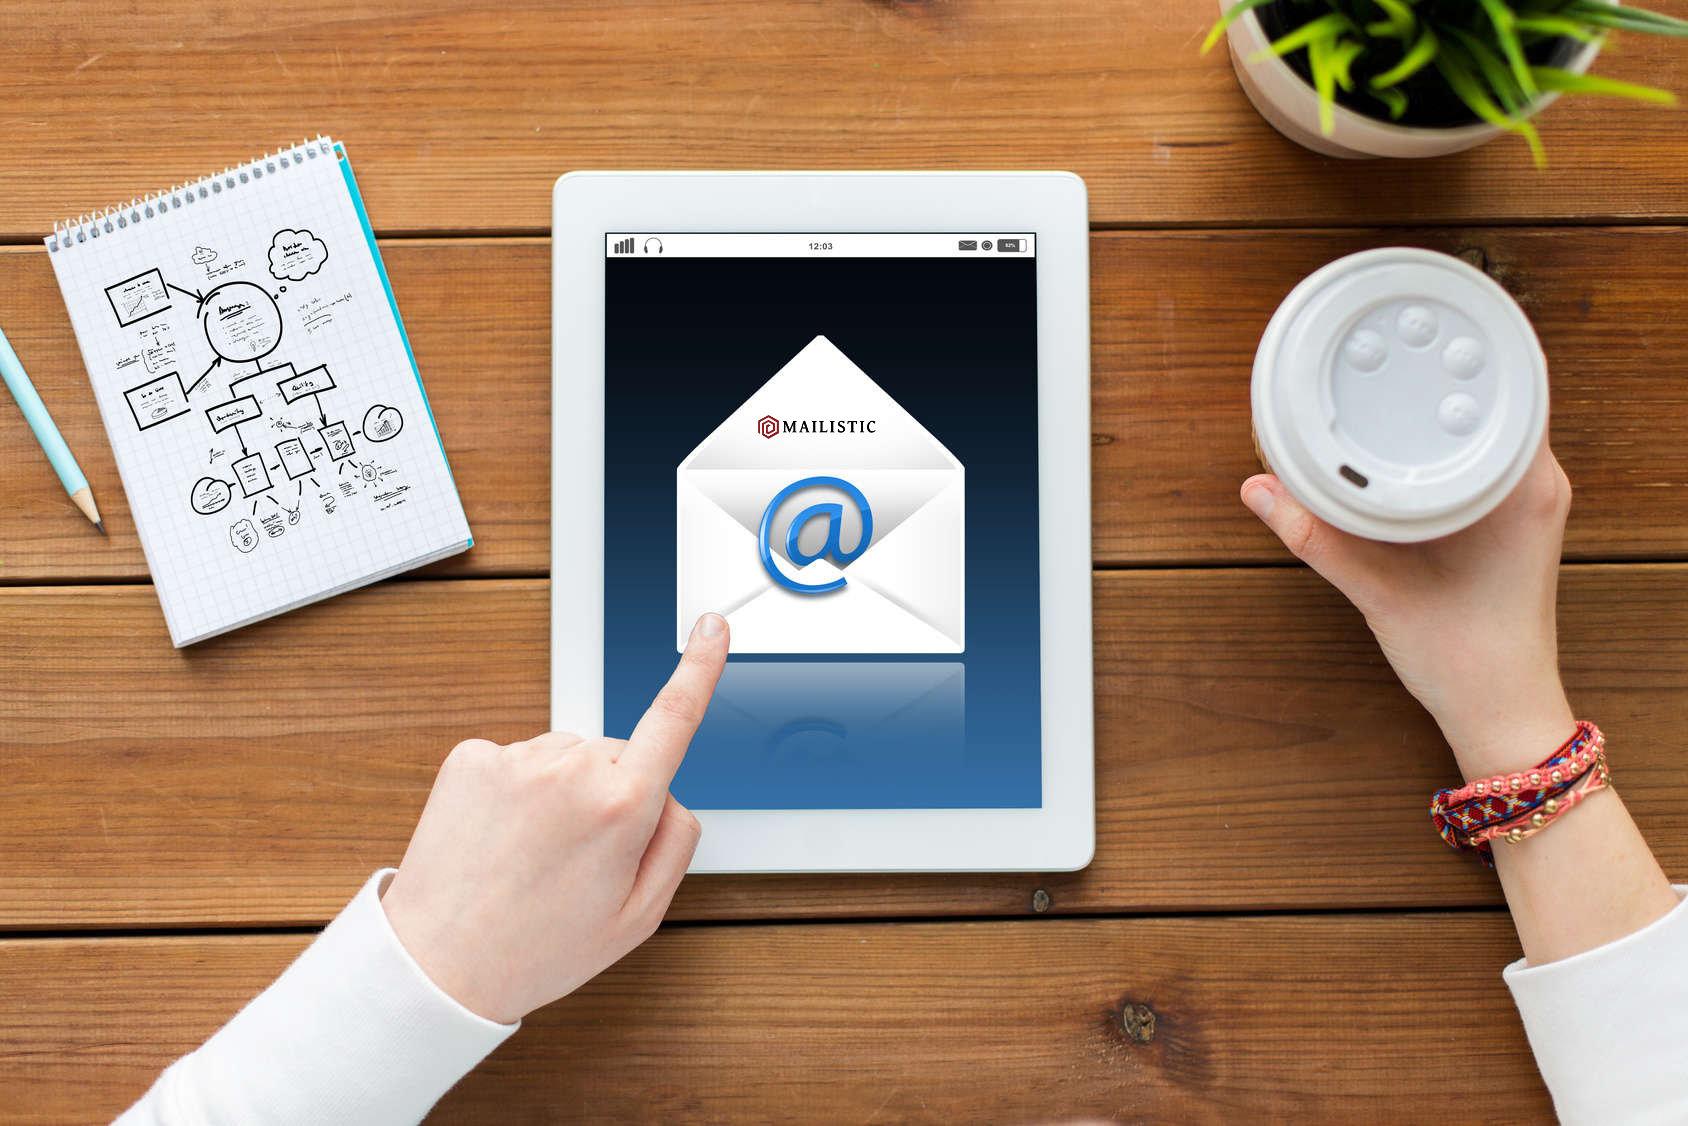 Email Marketing sudah tertinggal? Tidak, apalagi di Indonesia!